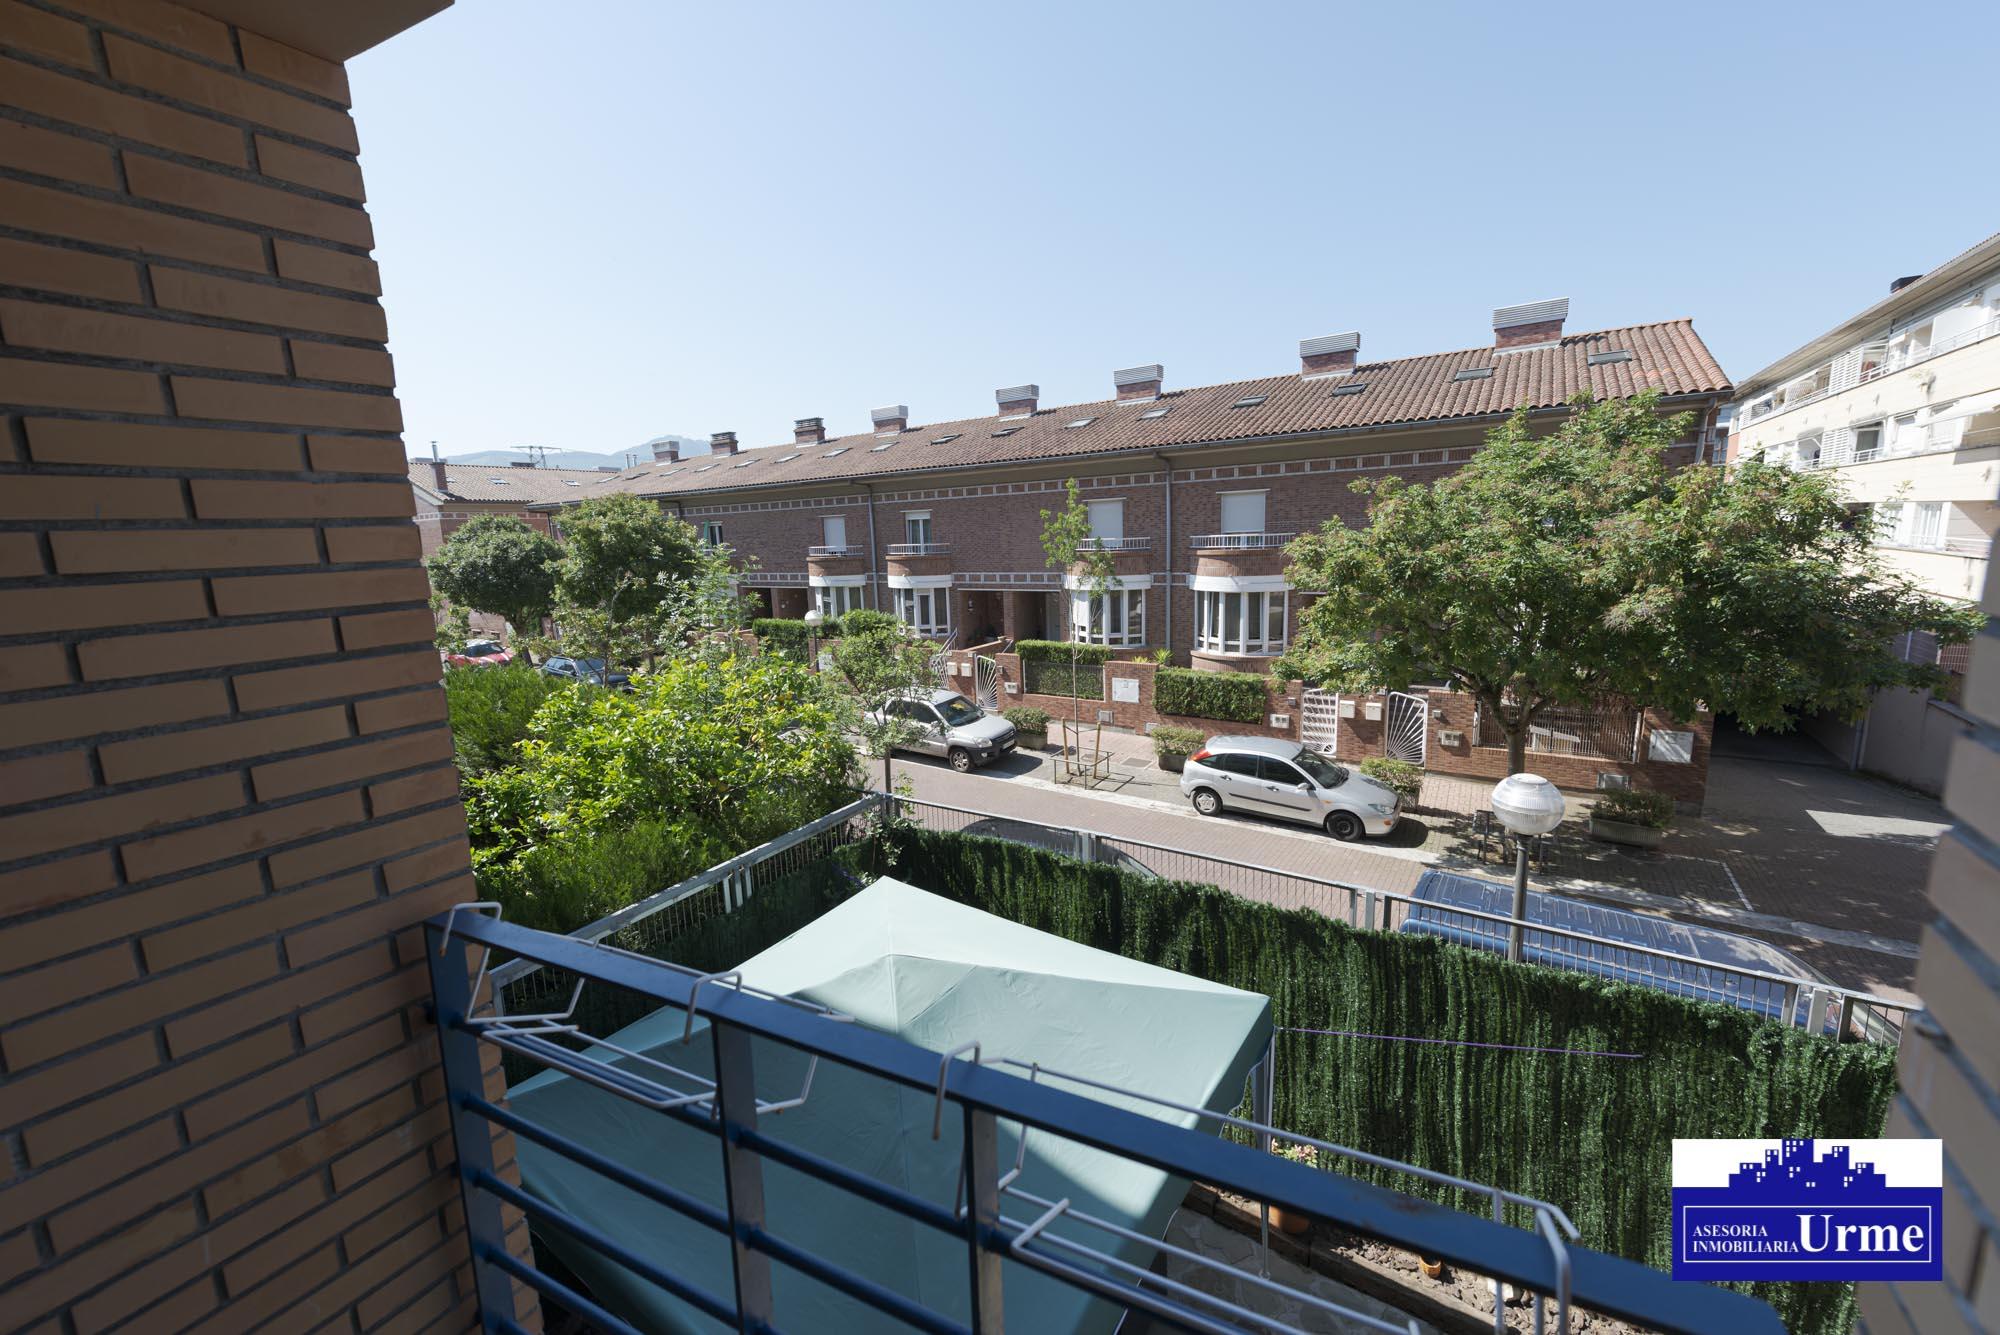 En Puiana duplex con  terraza y dos plazas de parkings juntas,trastero.110m2,3 habitaciones,salon,cocina y 2 baños.Informate!!